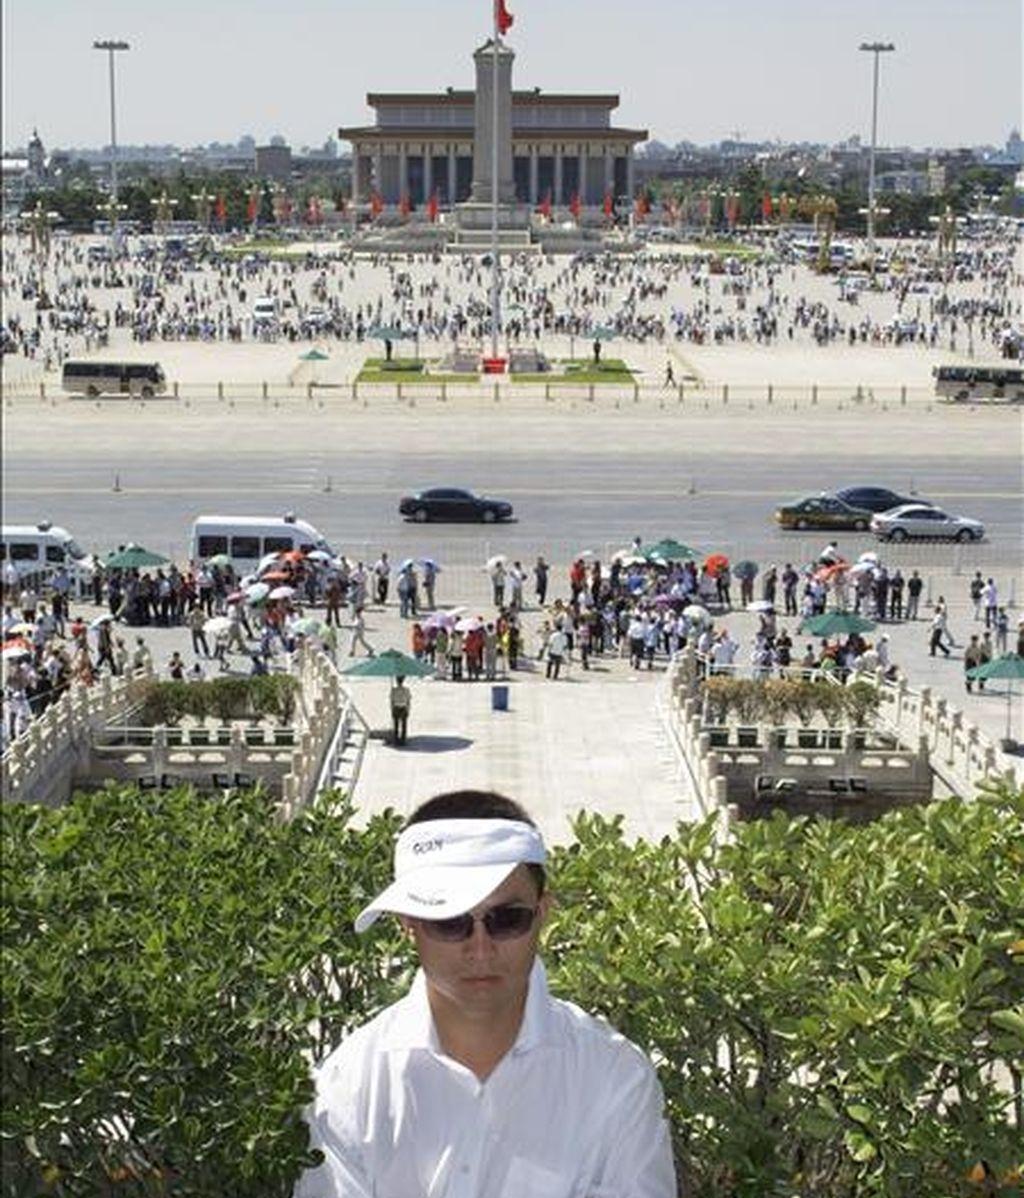 Un guardia de seguridad permanece frente a la Plaza de Tiananmen en Pekín (China), hoy, 3 de junio, cuando la seguridad en la Plaza se ha incrementado mientras se acerca las fechas de 3 y 4 de junio que marcan el vigésimo aniversario de la violenta represión ejercida por el Gobierno chino contra los estudiantes y trabajadores que se manifestaron durante la primavera de 1989 para pedir reformas políticas en China. EFE